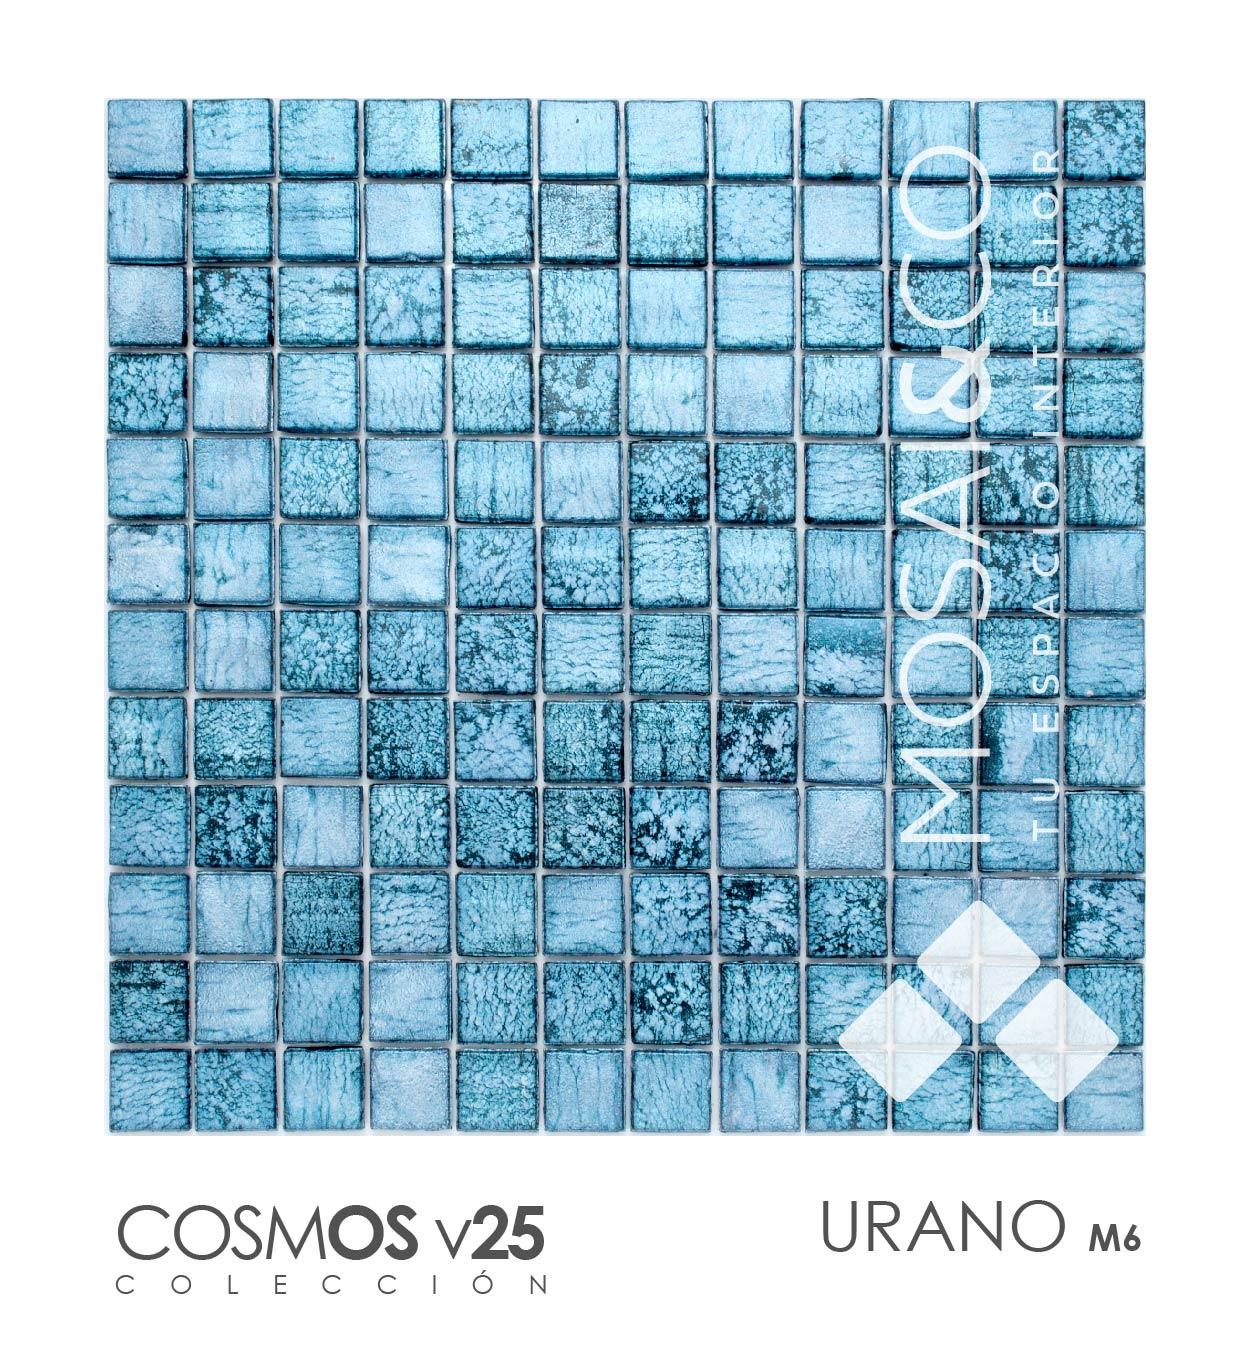 mosaico-decoracion-interiores-mosaiandco-coleccion-cosmos_urano-m6